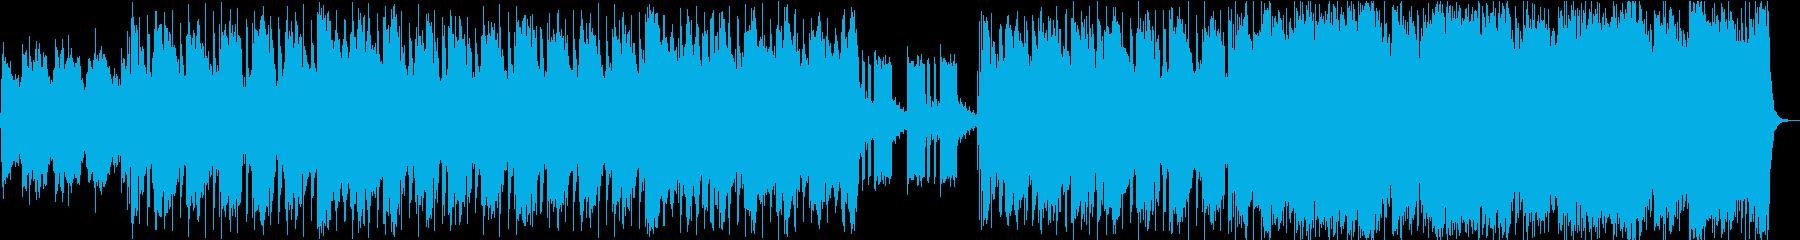 エレキギターが特徴的な青々としたサウンドの再生済みの波形